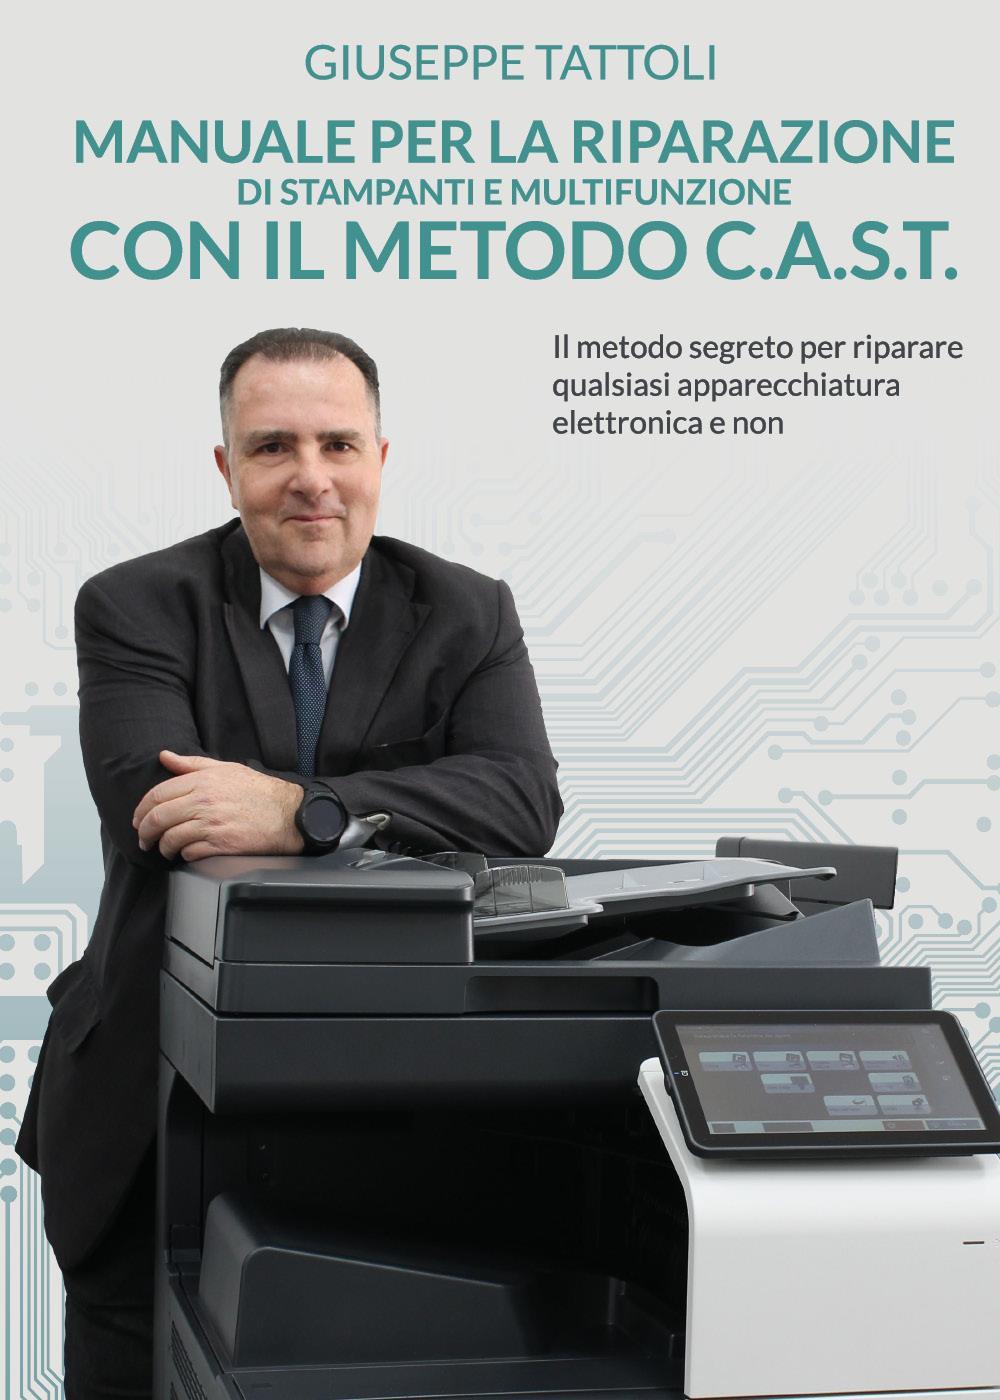 Manuale per la riparazione di Stampanti e Multifunzione con metodo C.A.S.T.